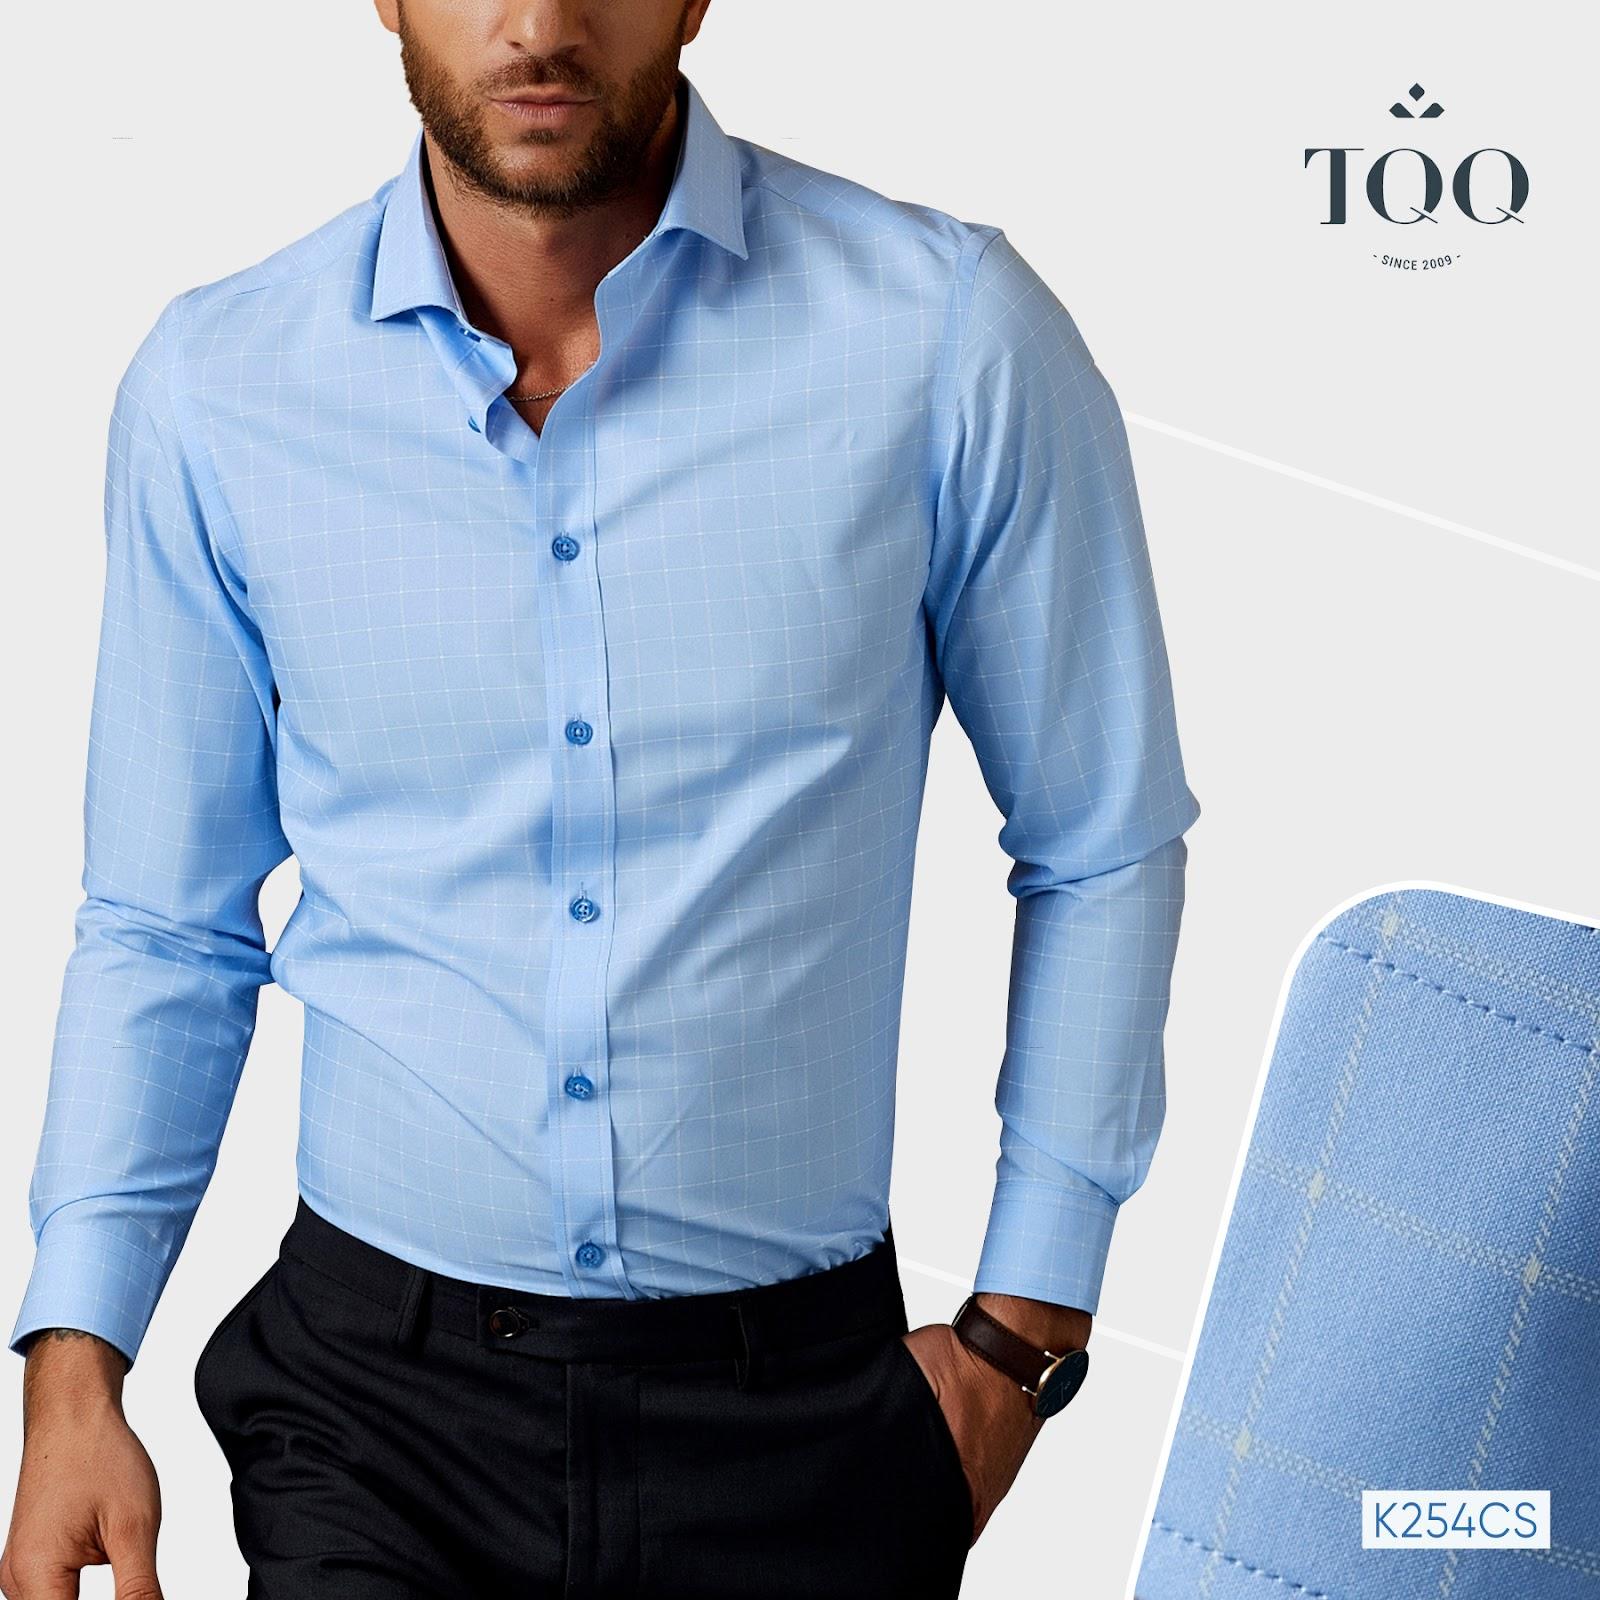 Thiết kế phối kẻ ô trên nền xanh mang đến vẻ thanh lịch cùng phong thái tự tin cho mọi quý ông